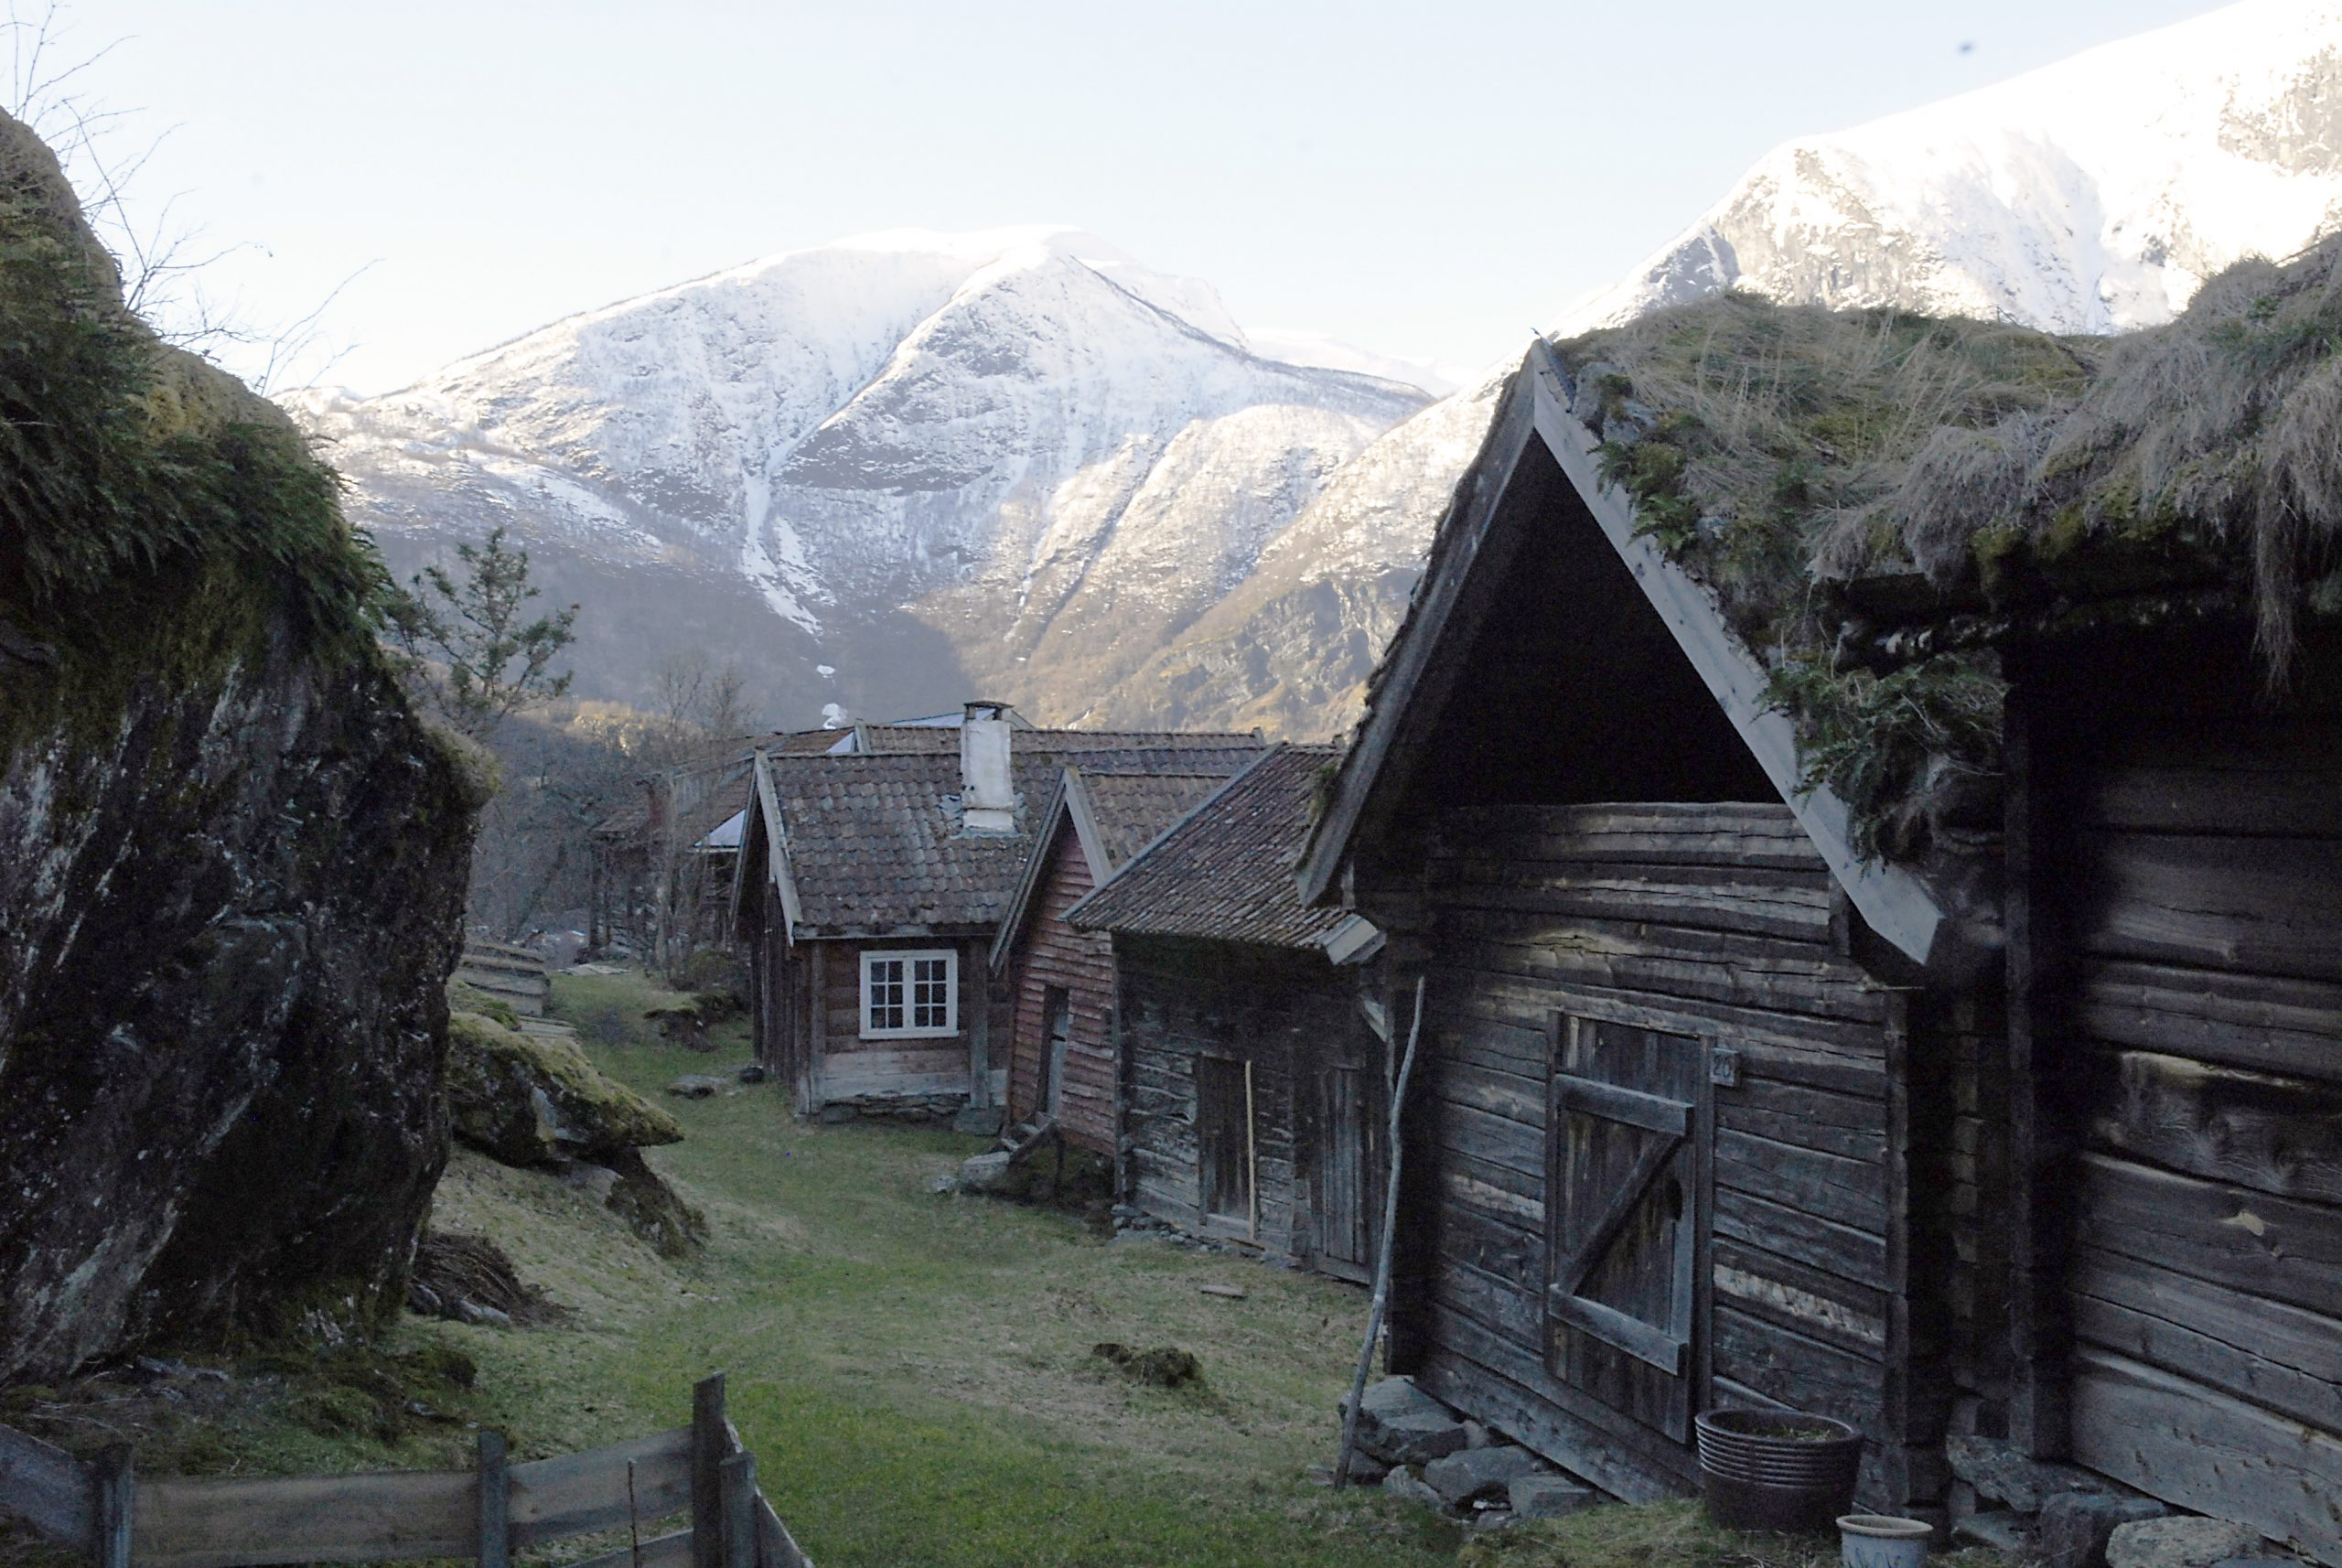 Bilde av Otternes bygdetun i Aurland kommune i Sogn og Fjordane er et av kulturmiljøene som den internasjonale klimasatsningen tar utgangspunkt i. Foto: Marte Boro, Riksantikvaren